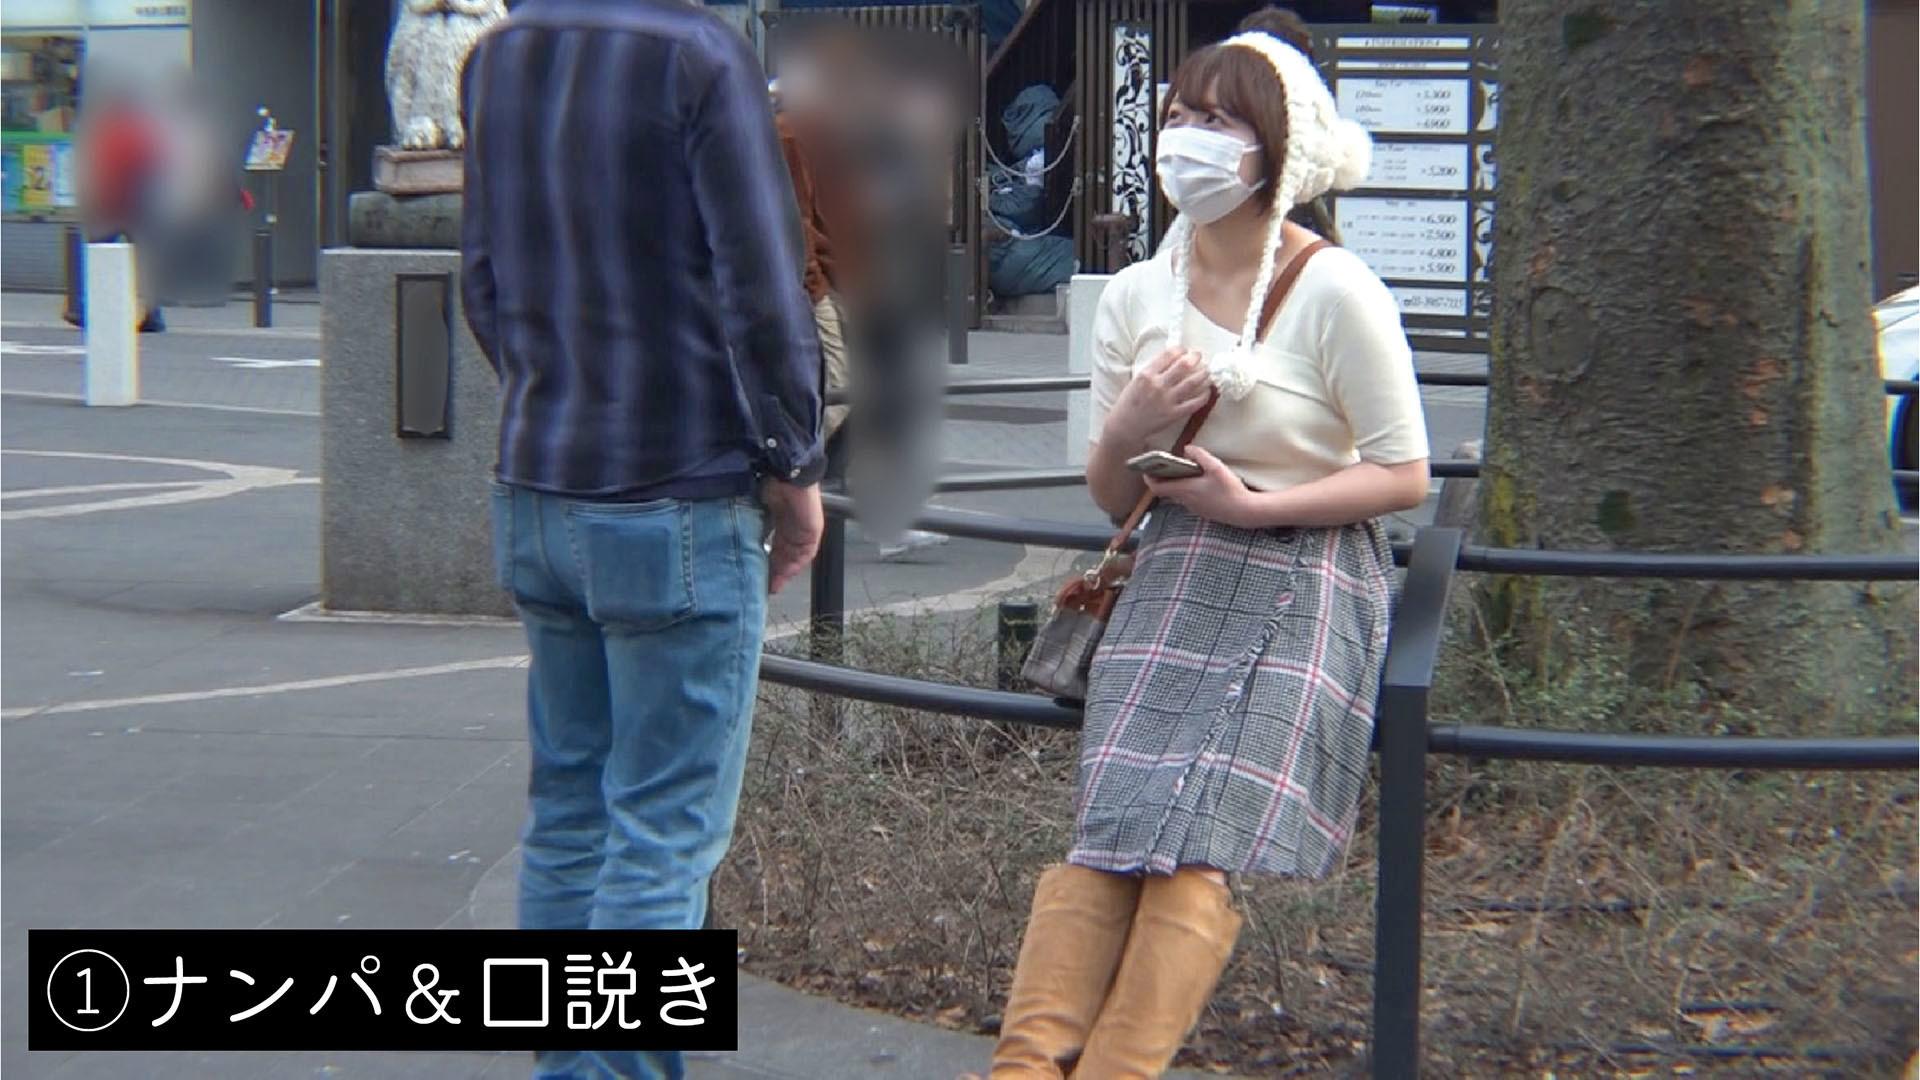 巨乳のコは頼まれたら断れないタイプが多く、一番ナンパに引っかかる説「新潟から上京ホヤホヤの素人ボインちはるちゃん、御馳走様です」 画像1